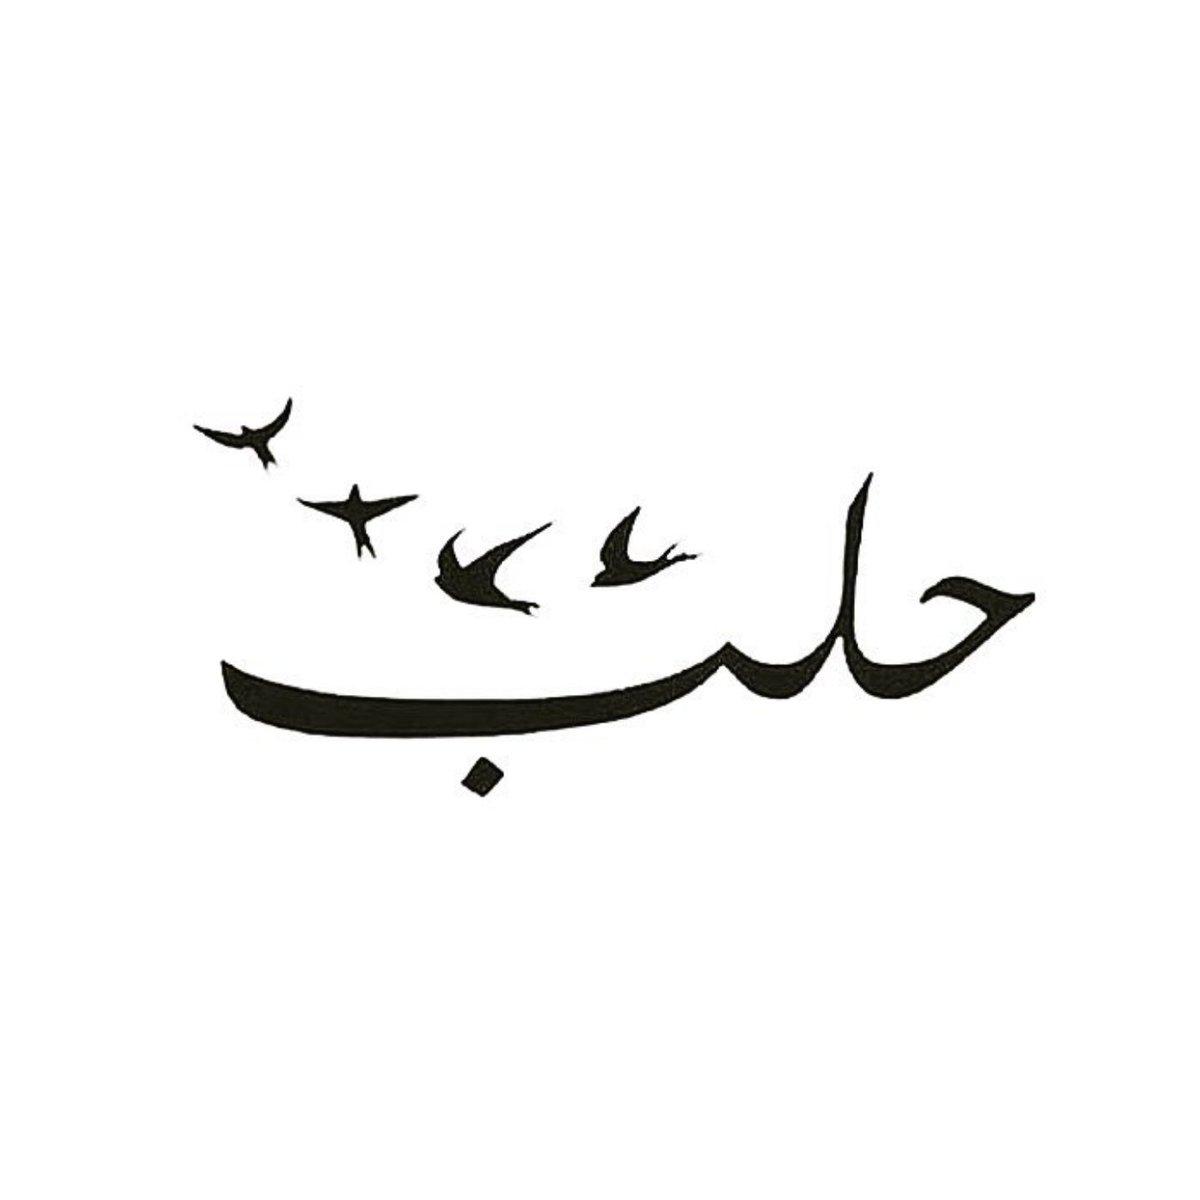 ربِ انصر اخواننا المستضعفين في سوريا... ربِ انصر اخواننا المسلمين في سوريا https://t.co/3J8Omn2qJg